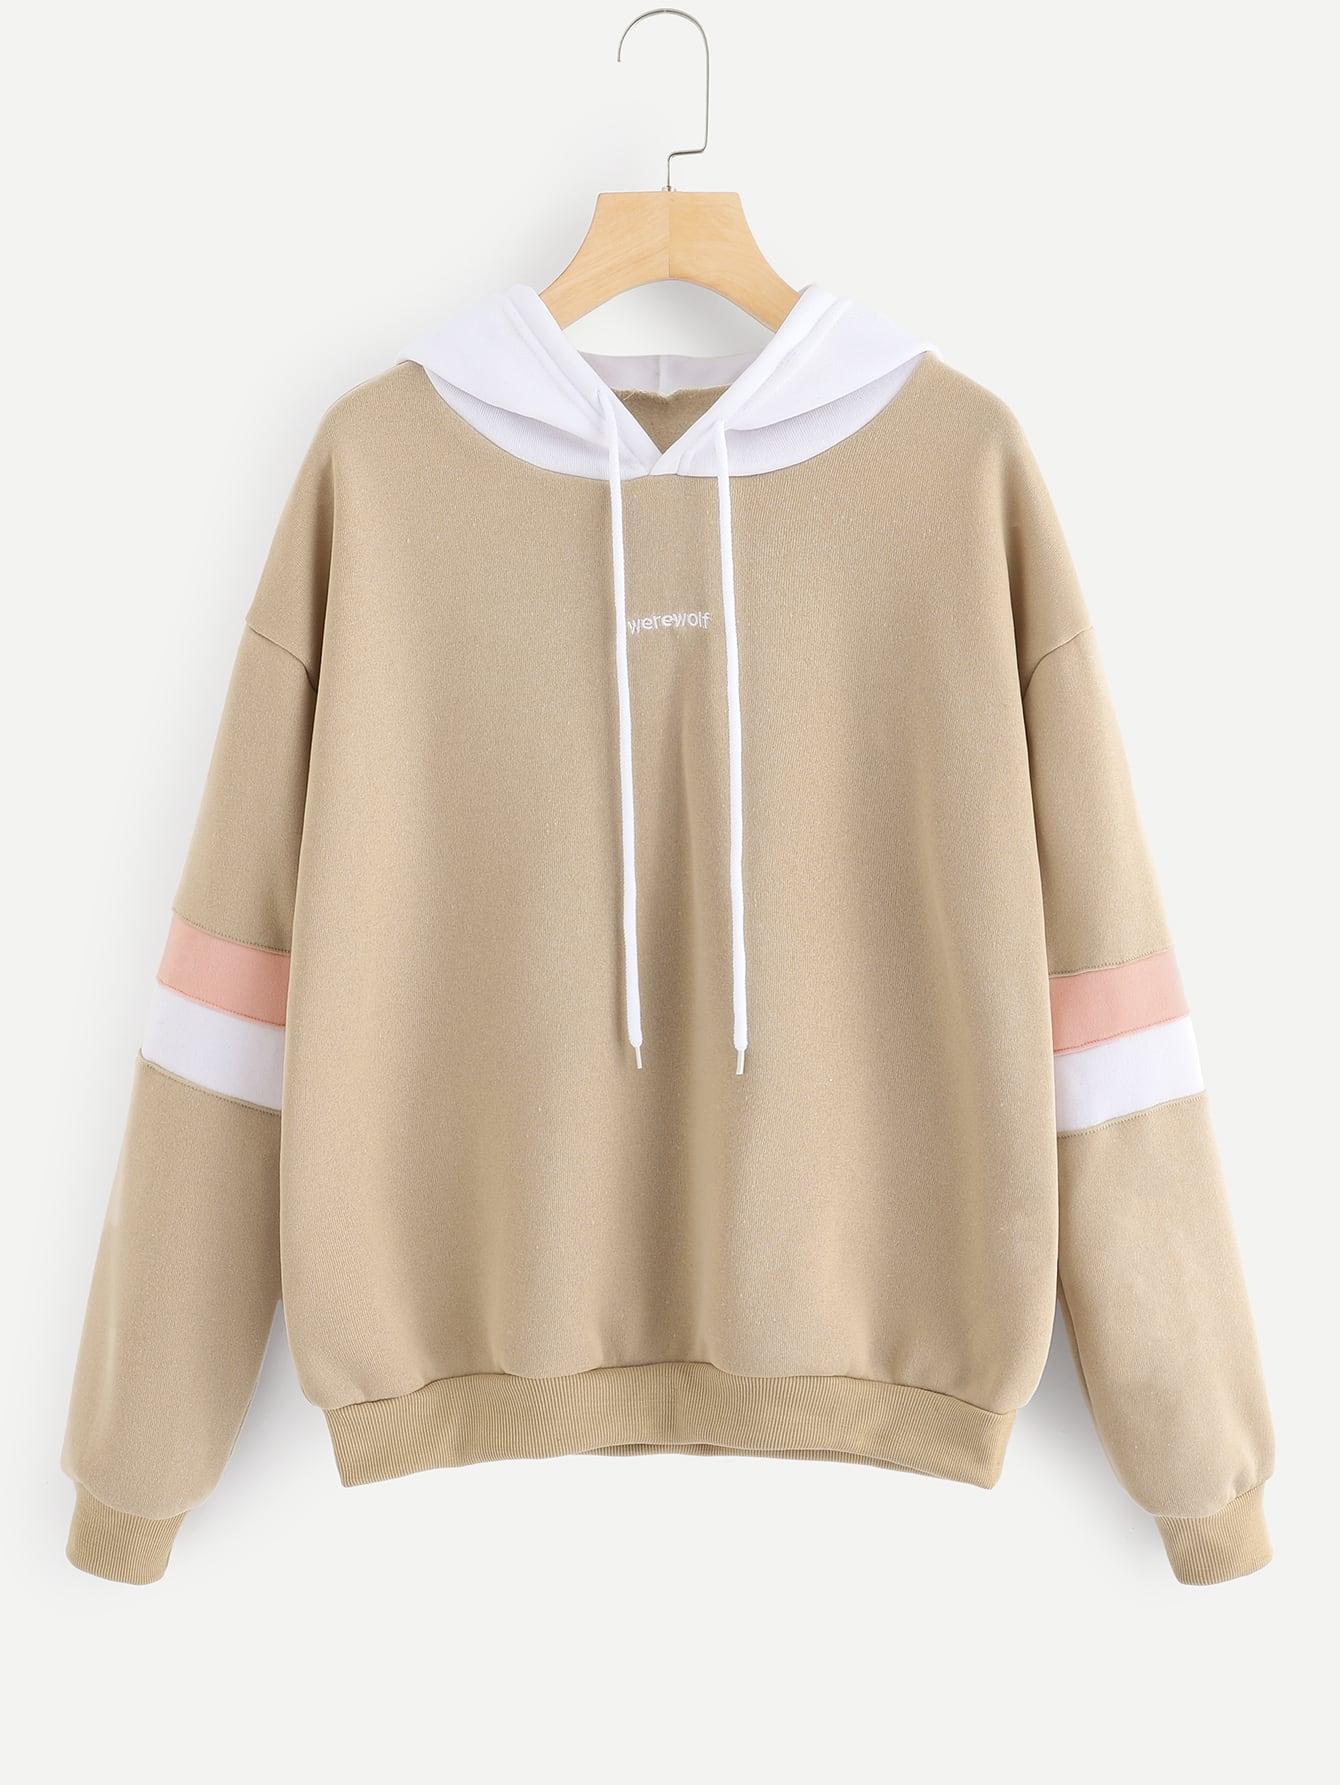 Купить Повседневный Текст Контрастный цвет Пуловеры Хаки Свитшоты, null, SheIn